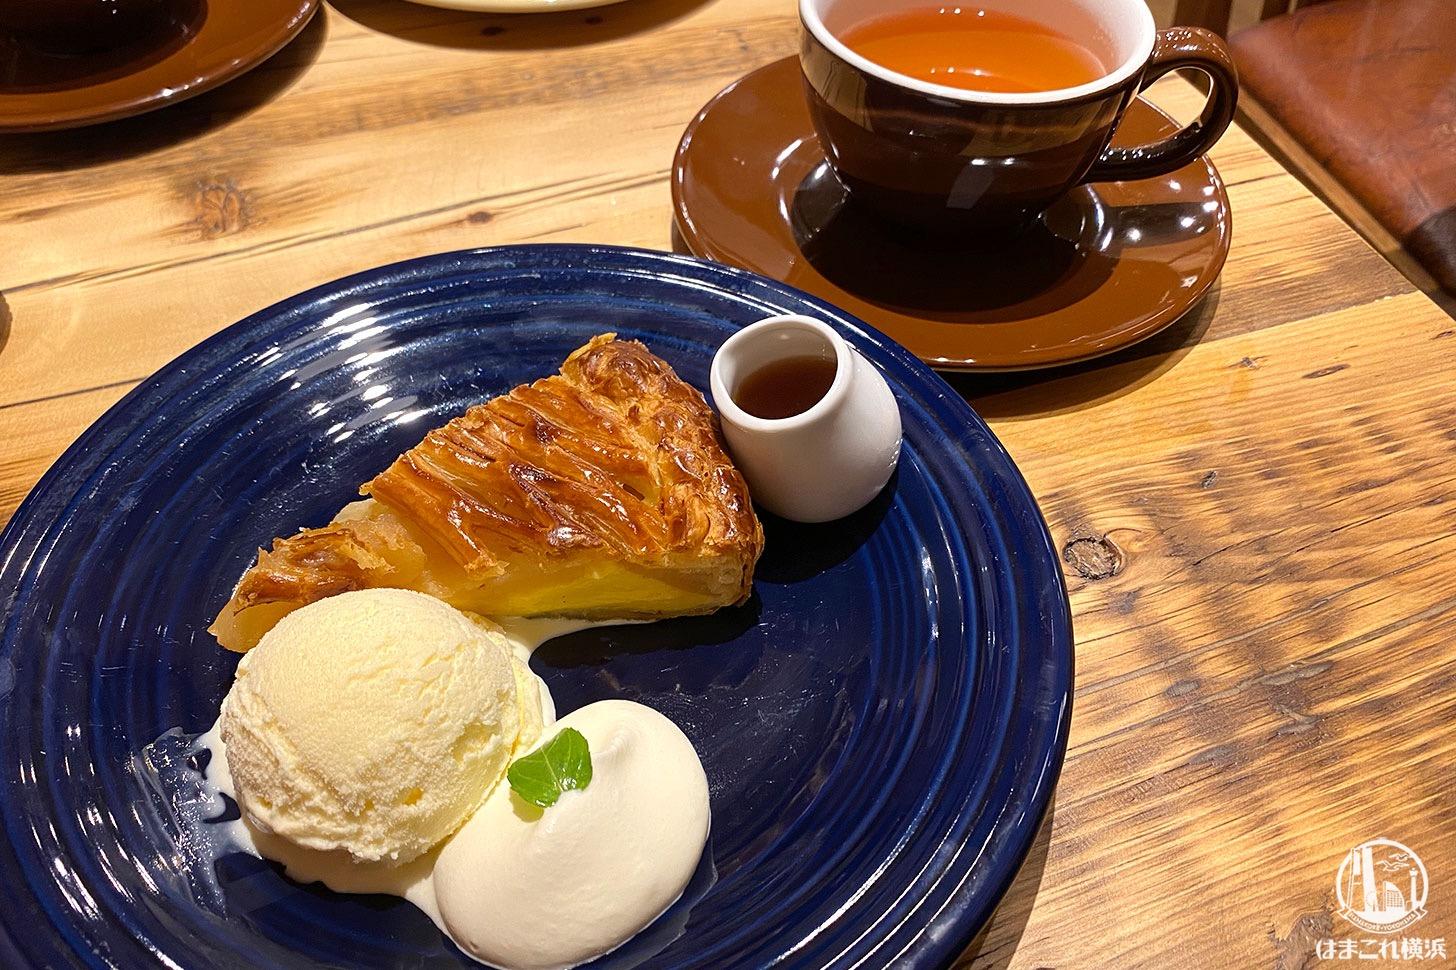 横浜駅「グラニースミス」のアップルパイは安定の美味、テイクアウトあり!シァル横浜